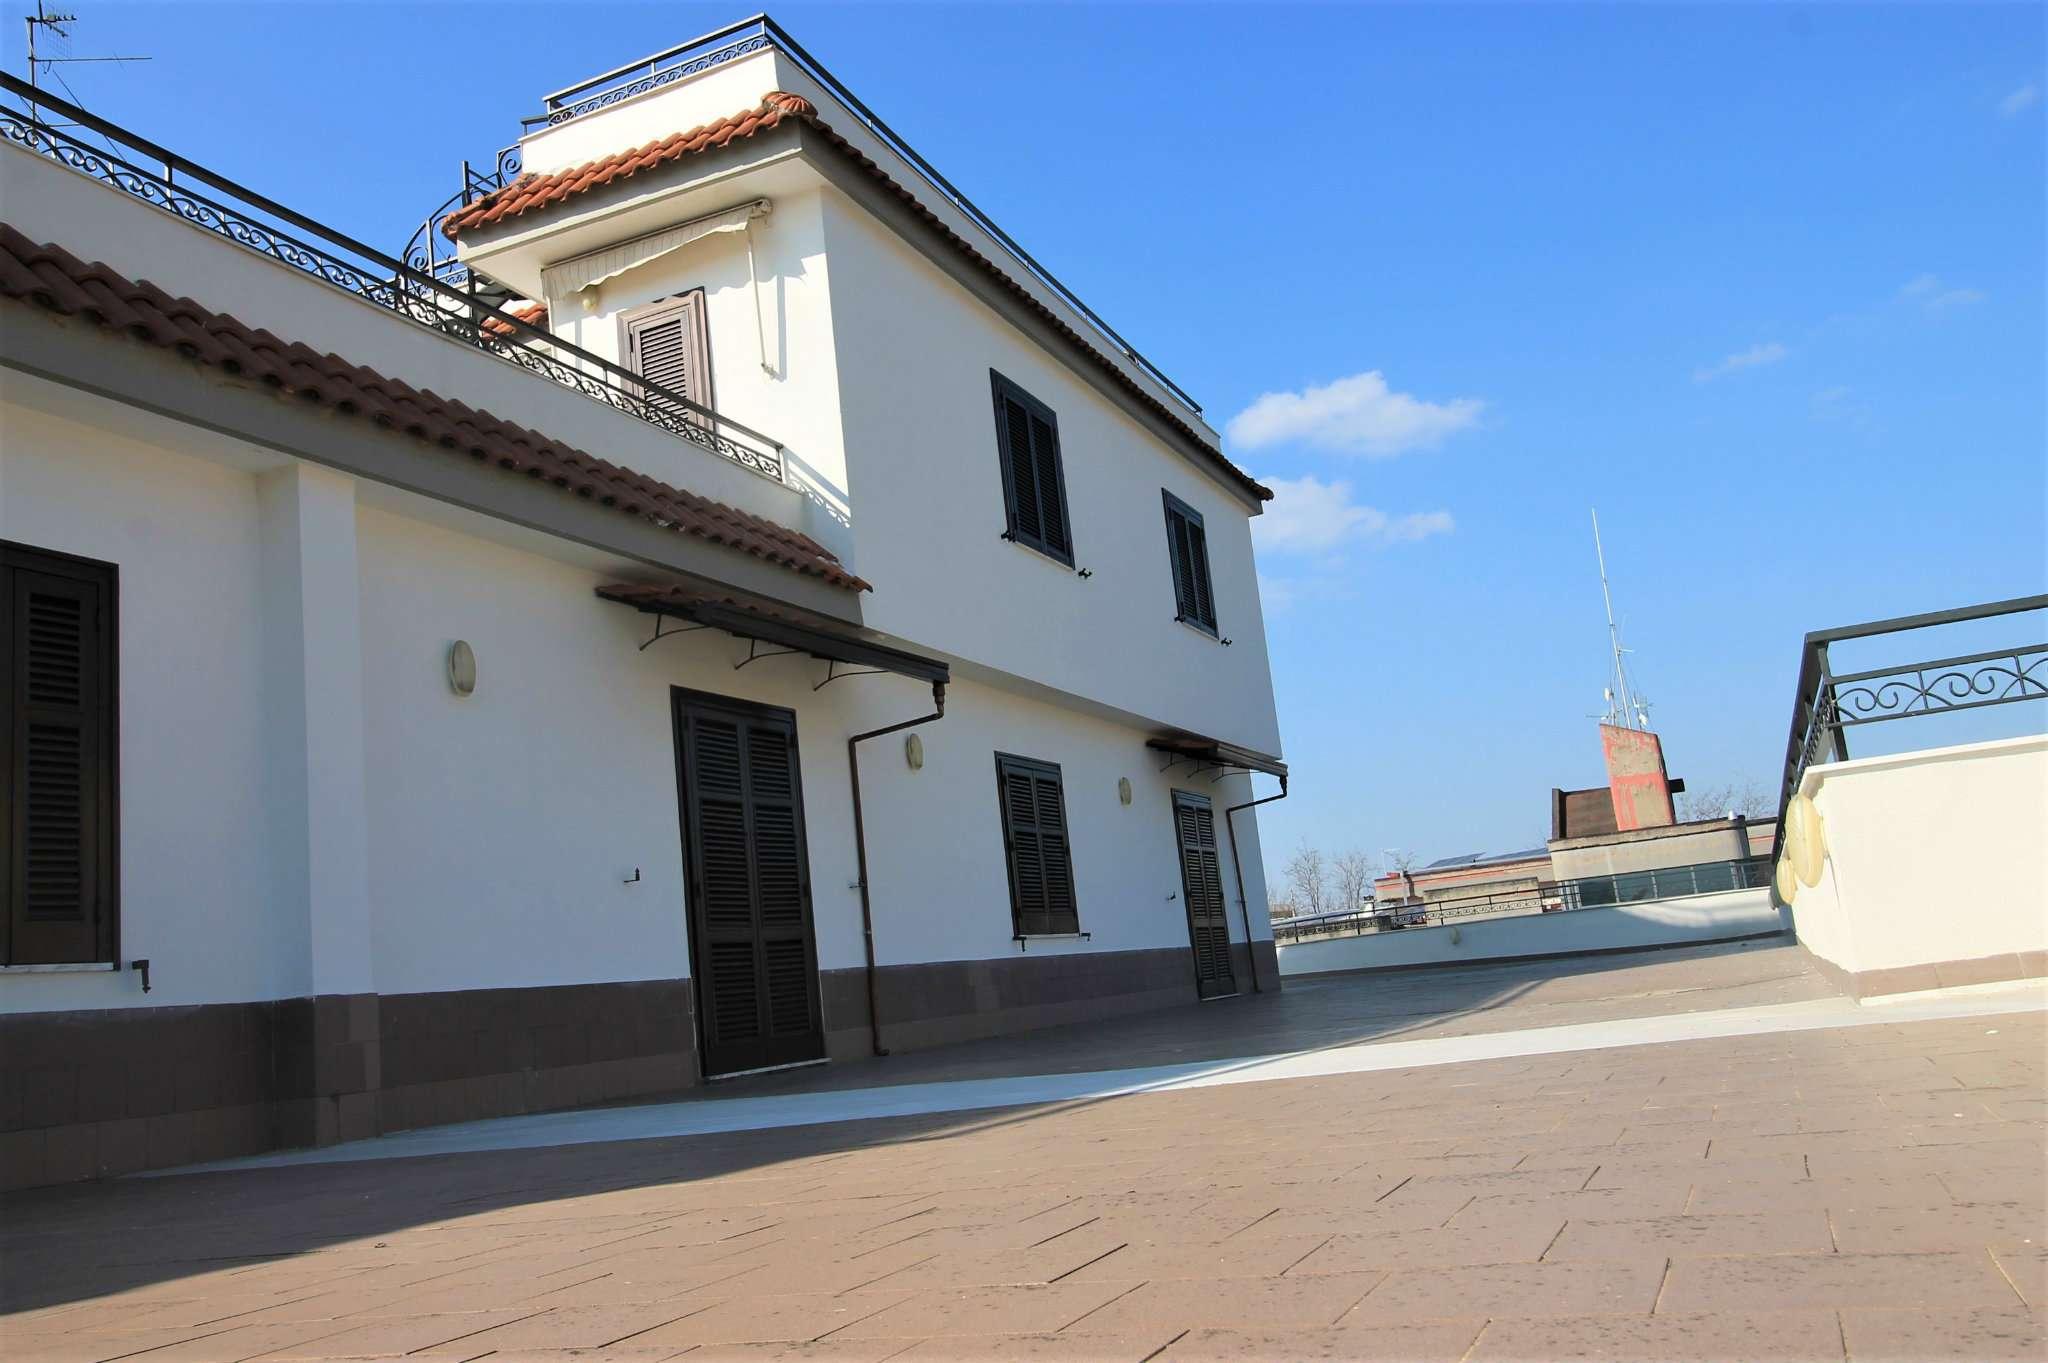 Appartamento in affitto a Saviano, 4 locali, prezzo € 500 | Cambio Casa.it